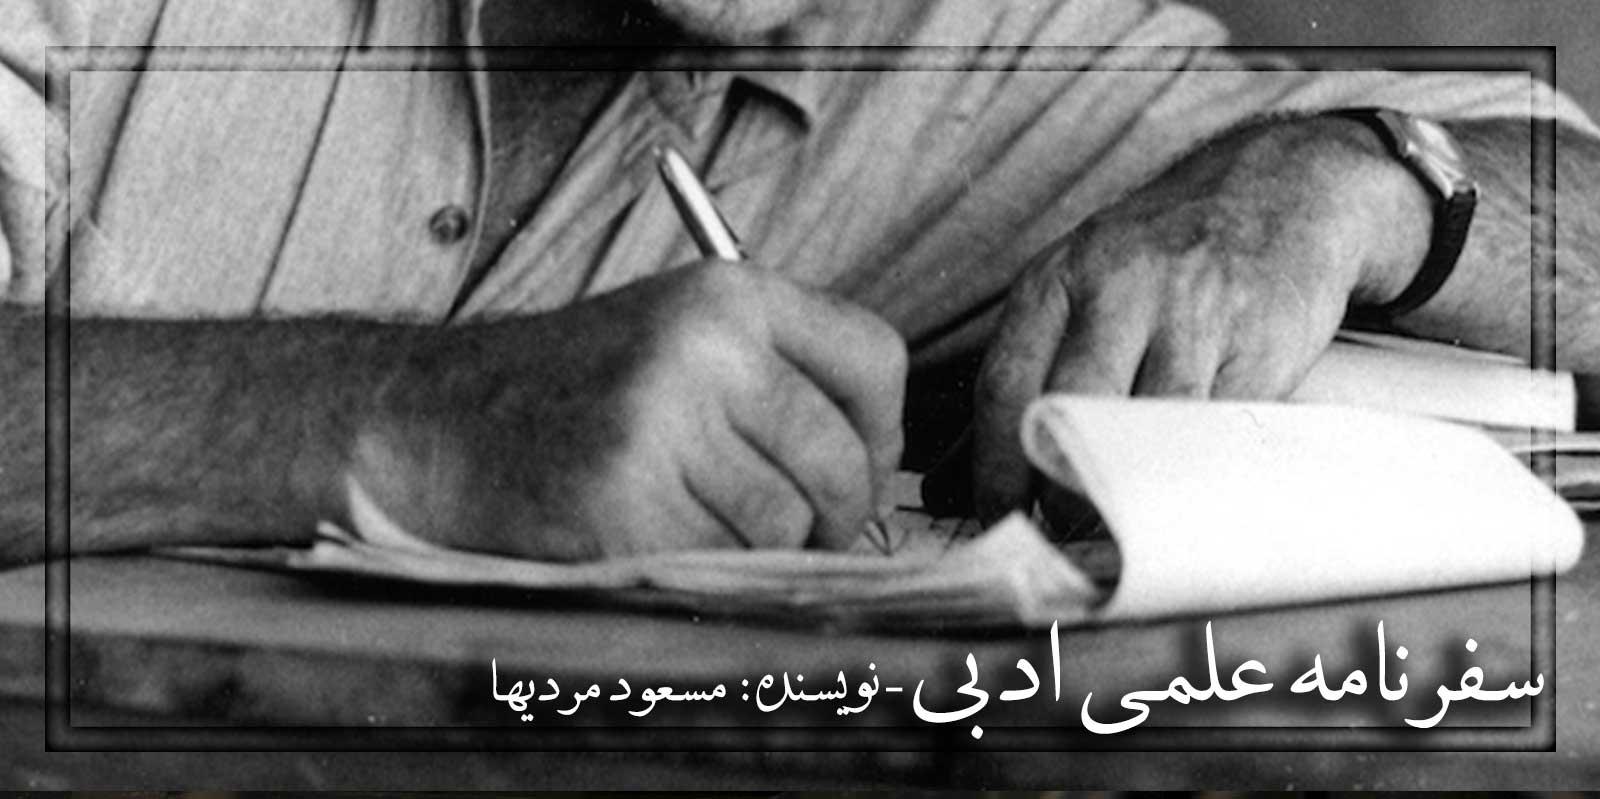 سفرنامه علمی ادبی یک روزه به تهران